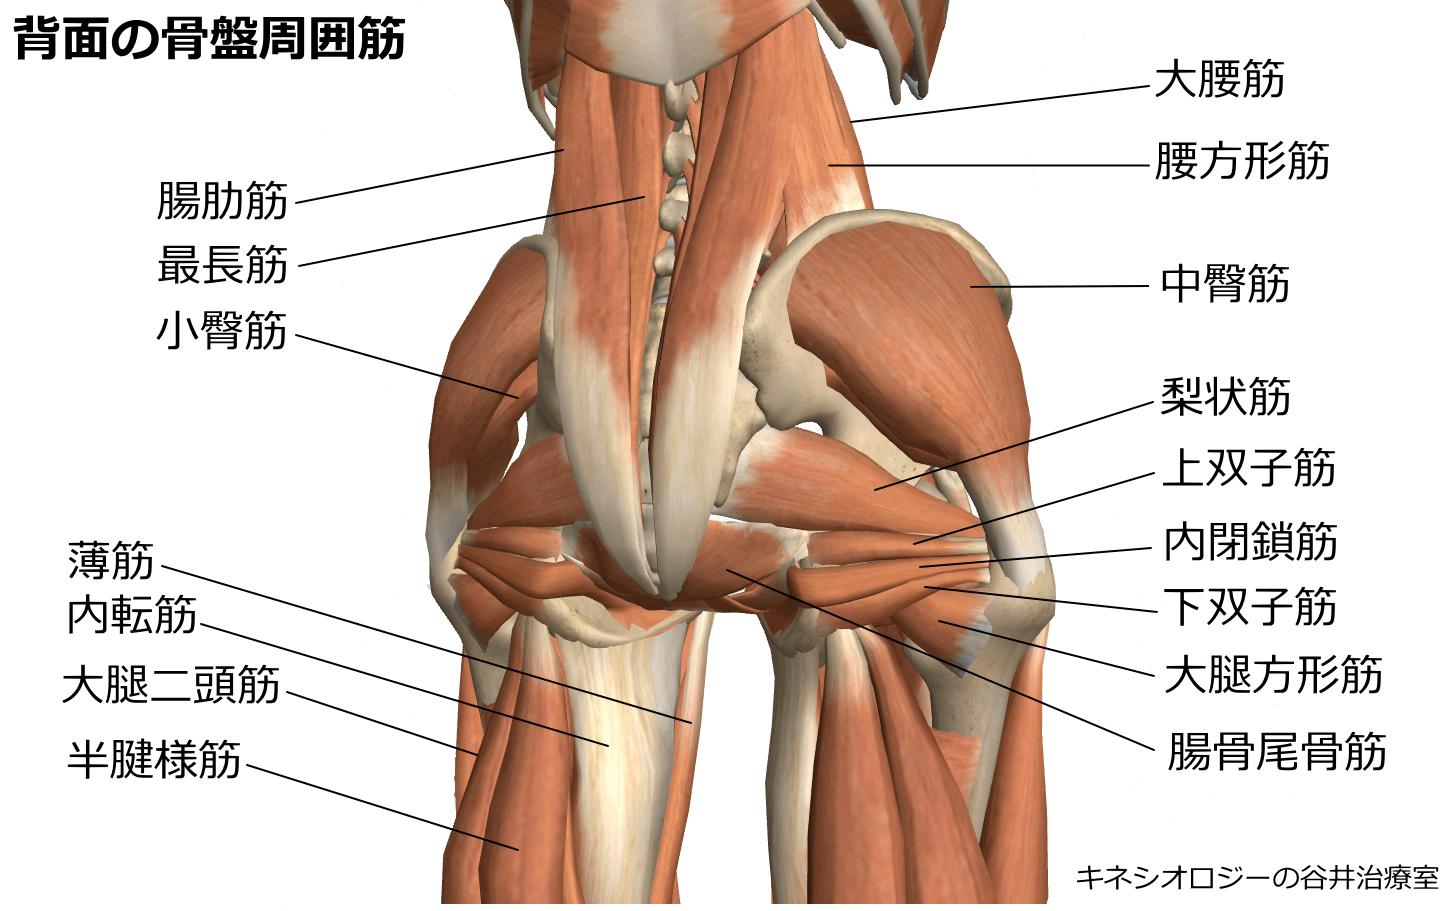 背面の骨盤周囲筋